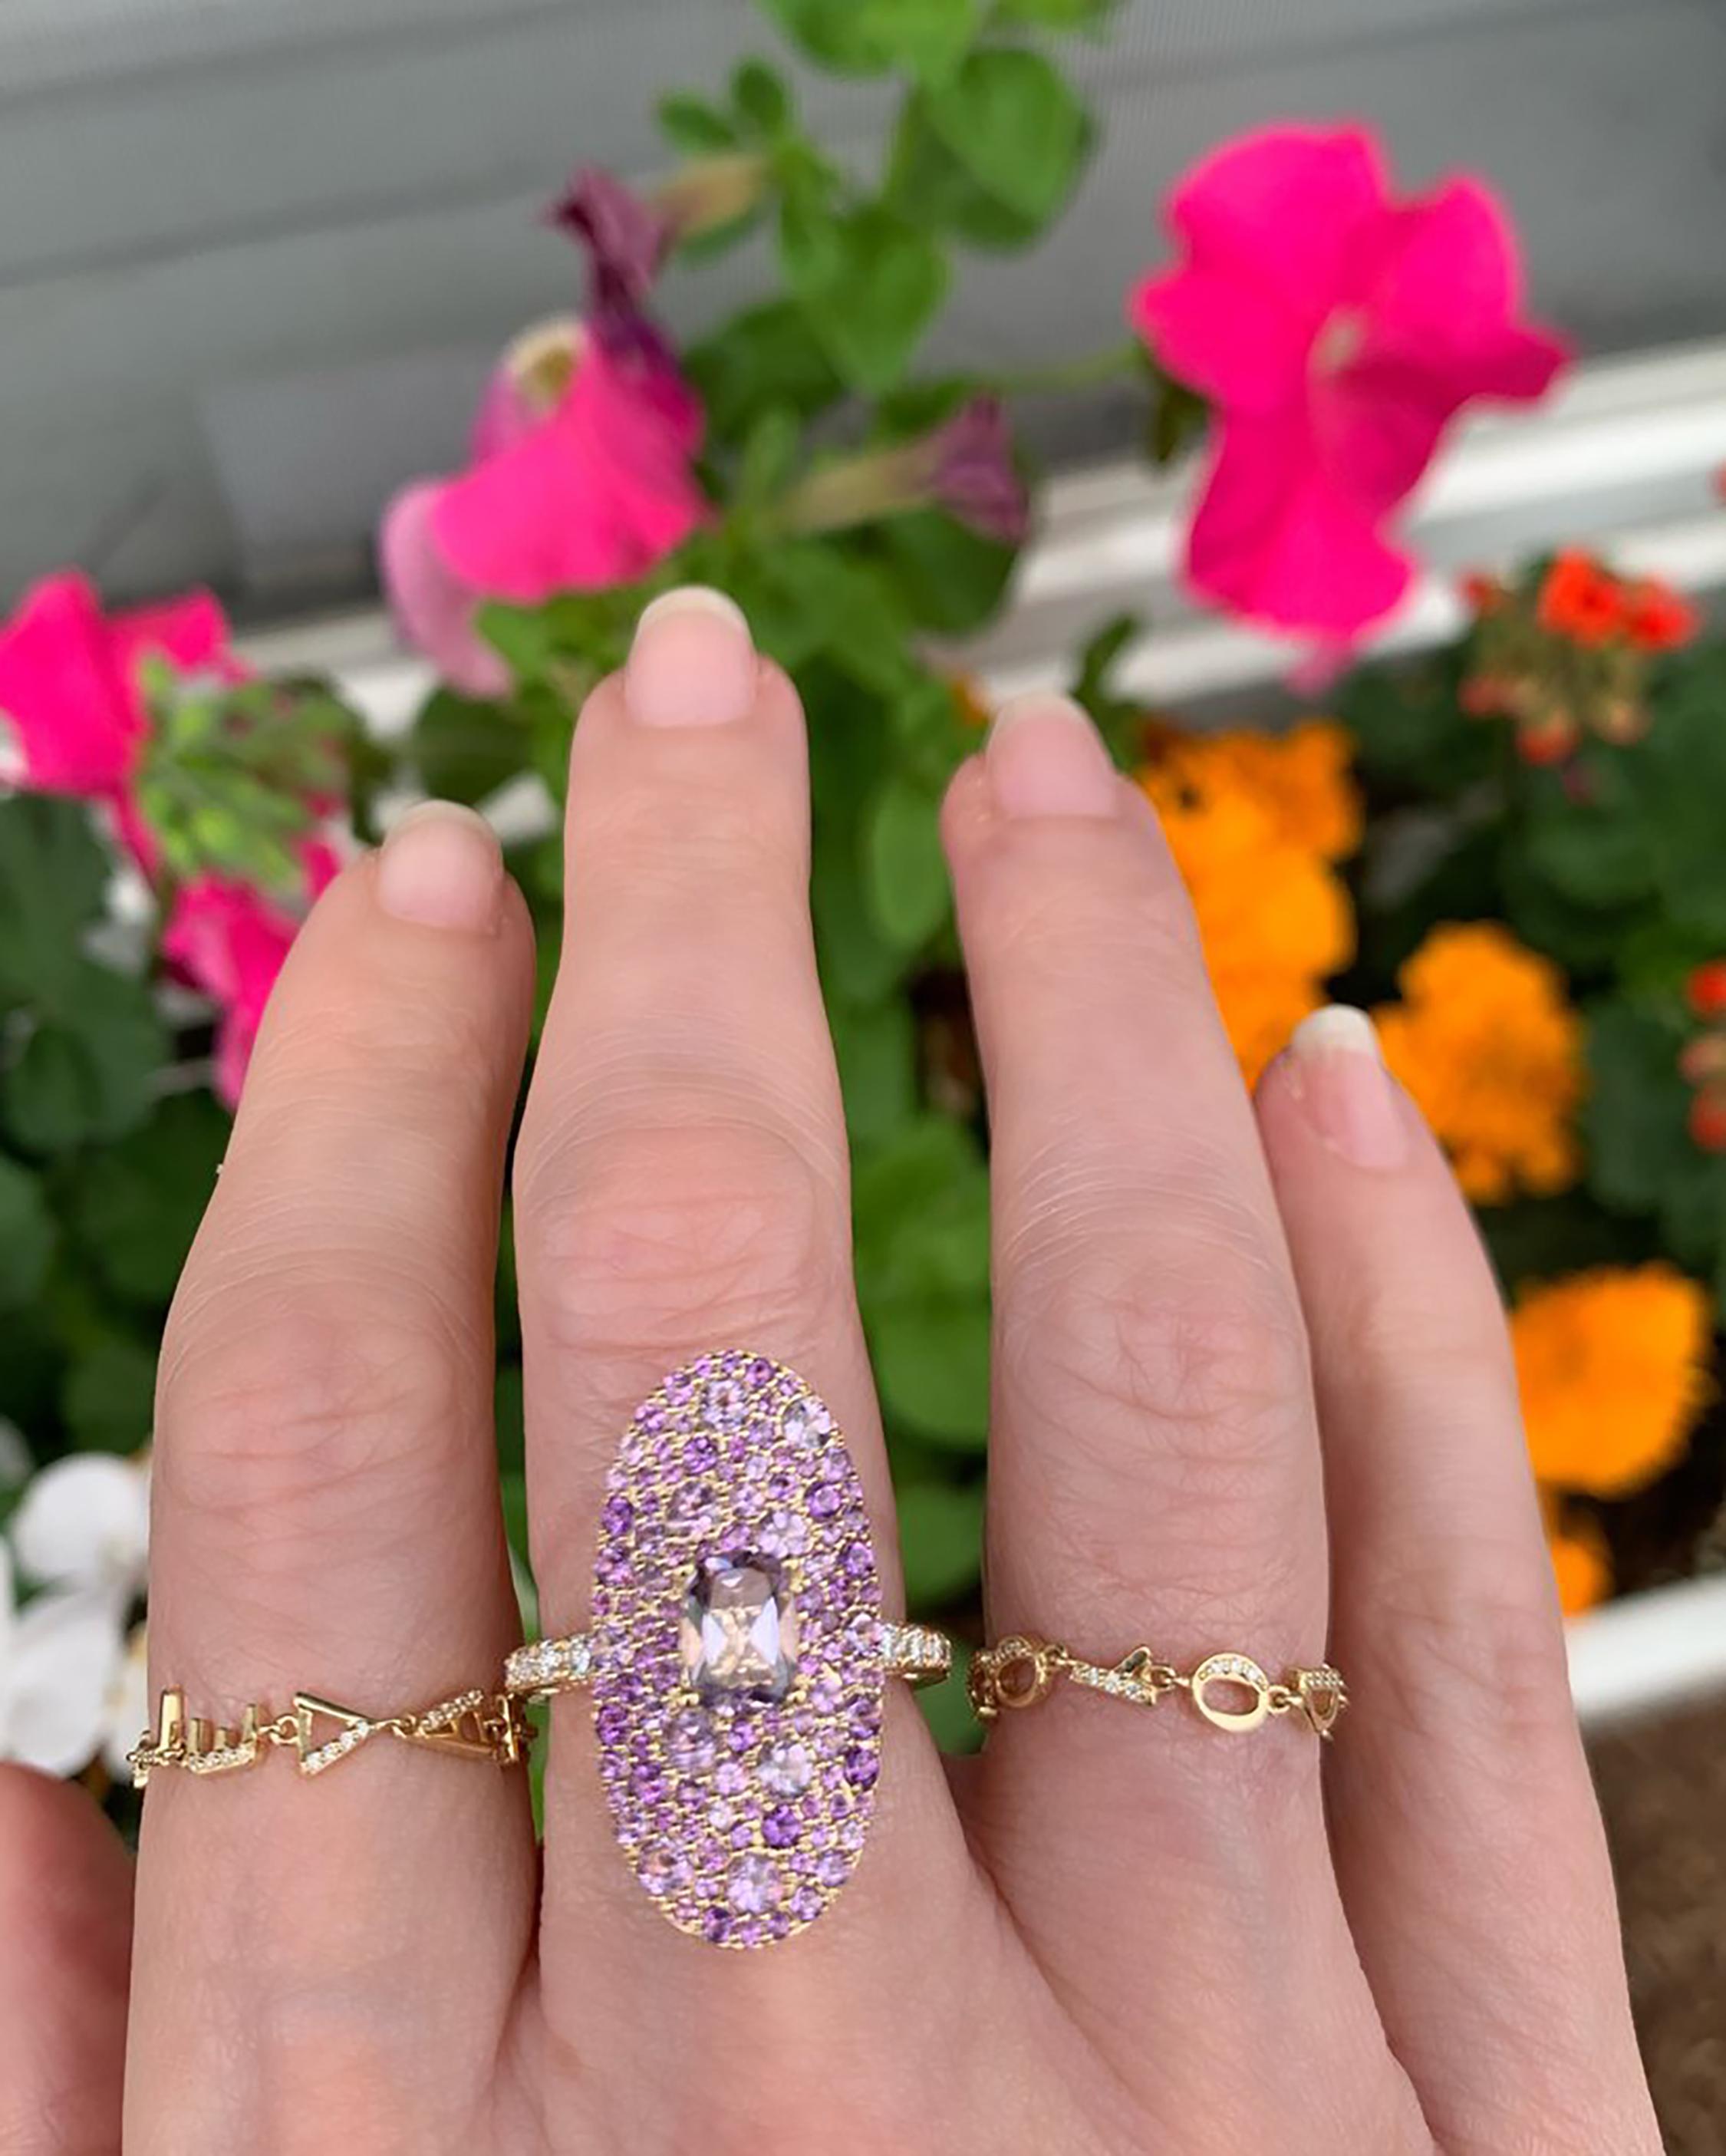 Eden Presley Love Chain Ring 2